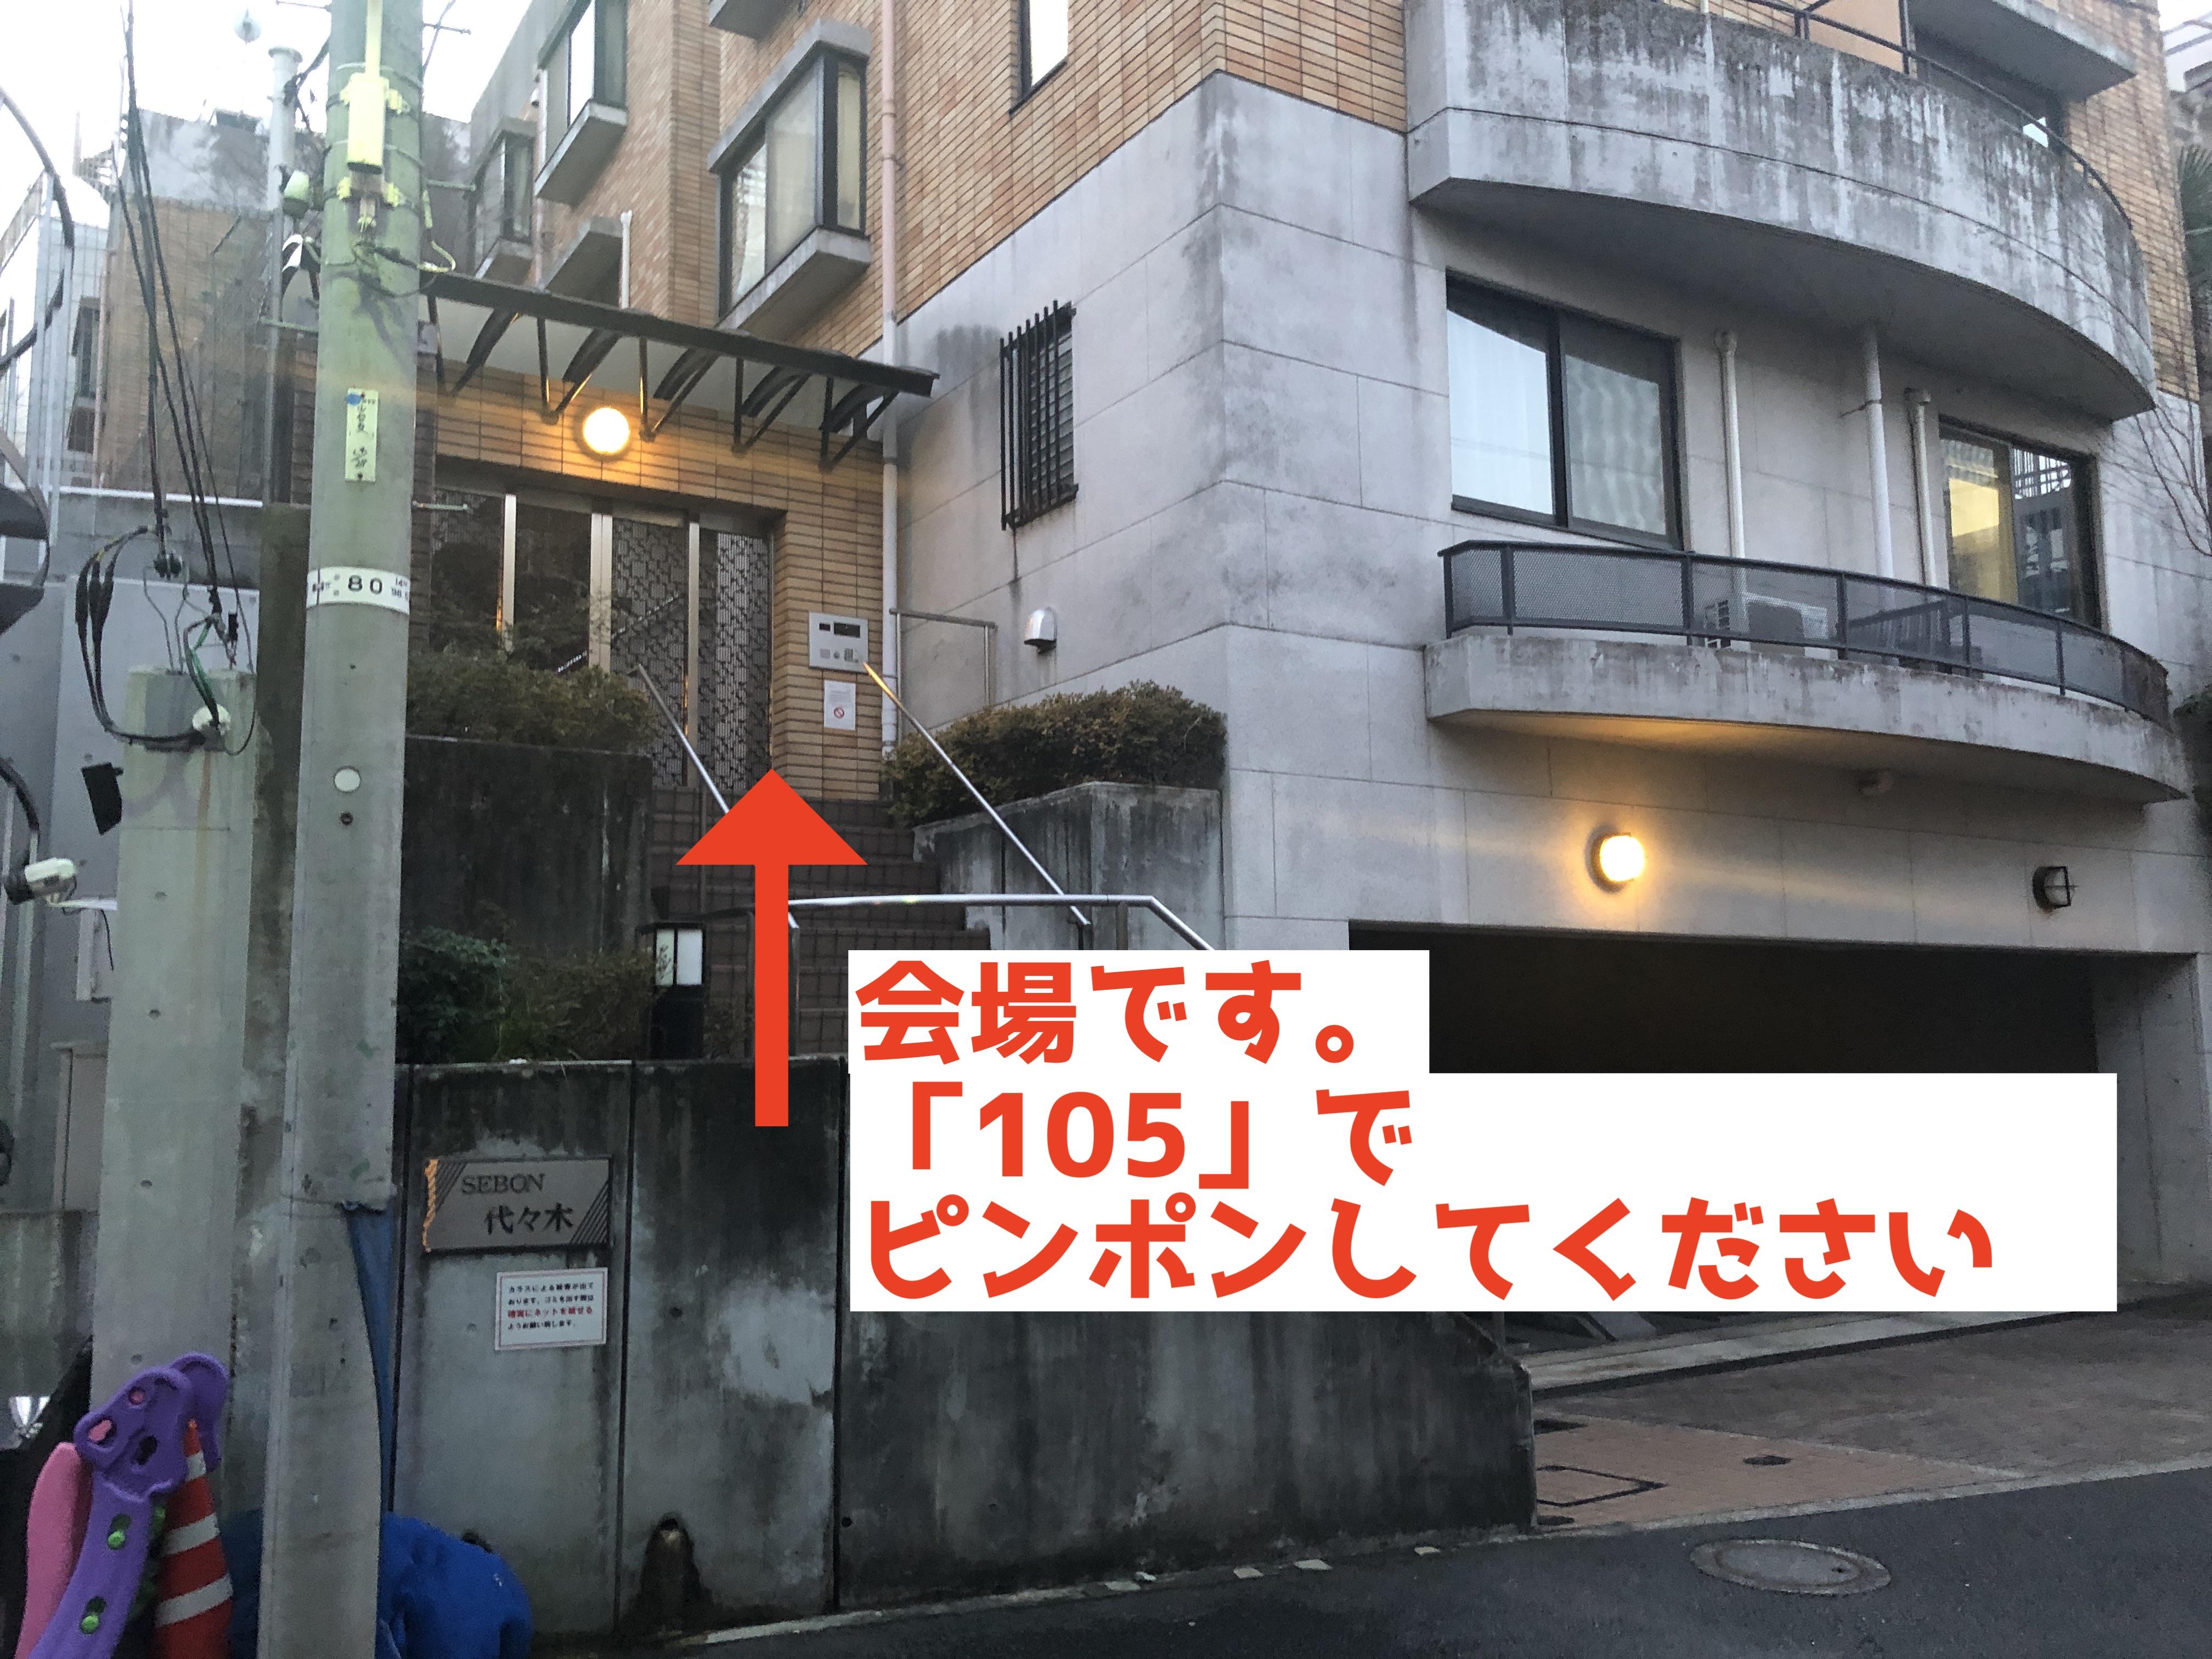 順路4.JPG